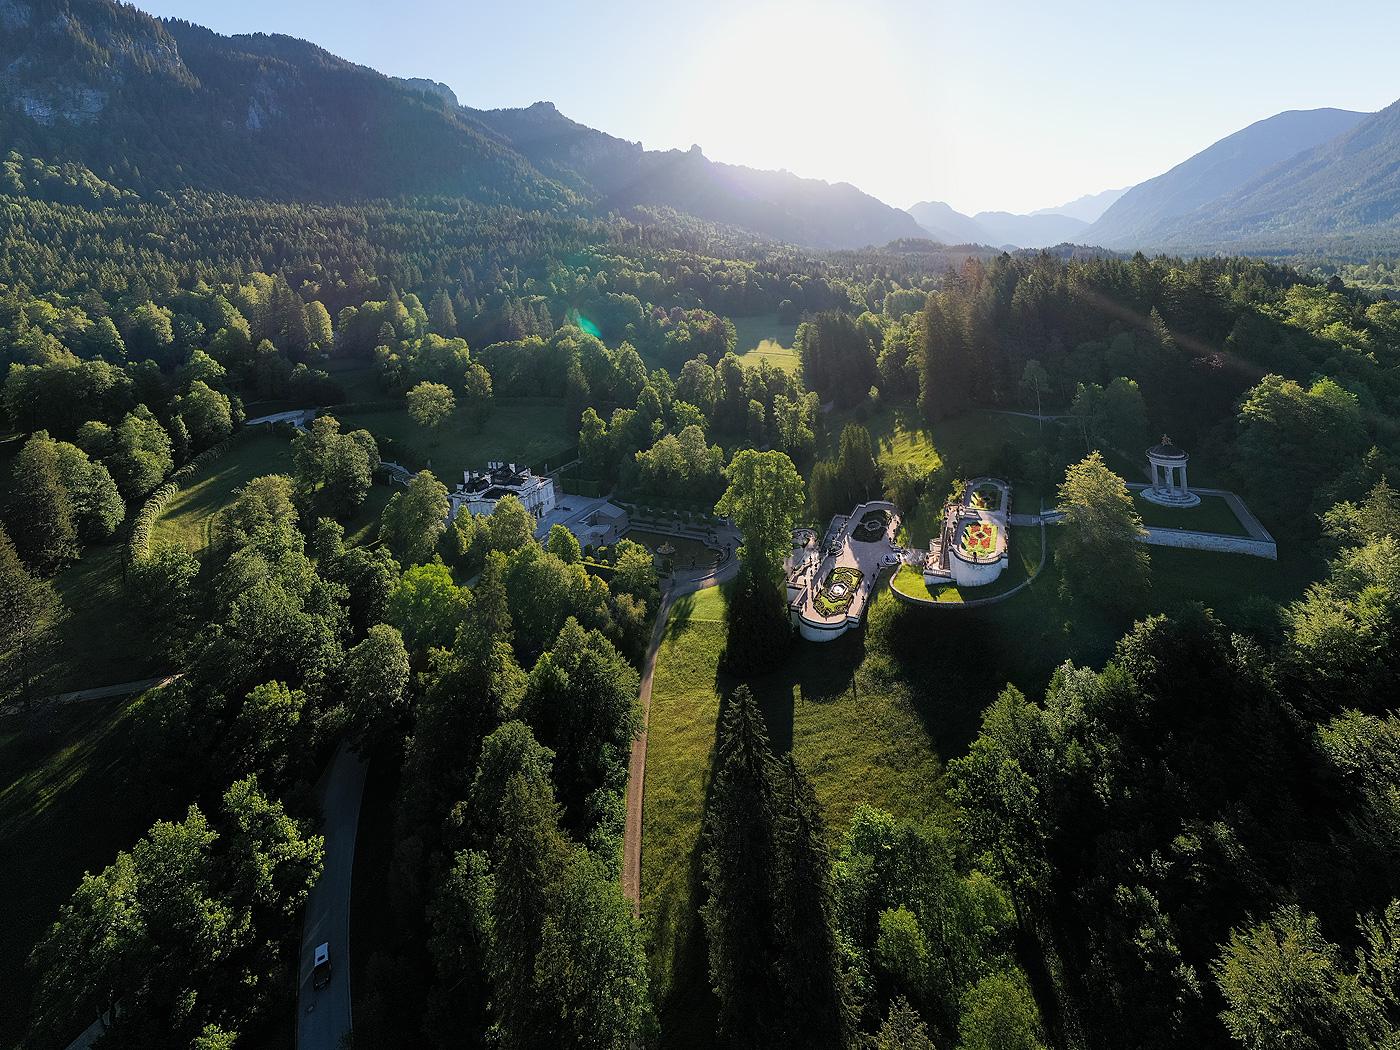 Bayerische Schlosserverwaltung Schlossanlage Linderhof Besucher Info Allgemeine Informationen